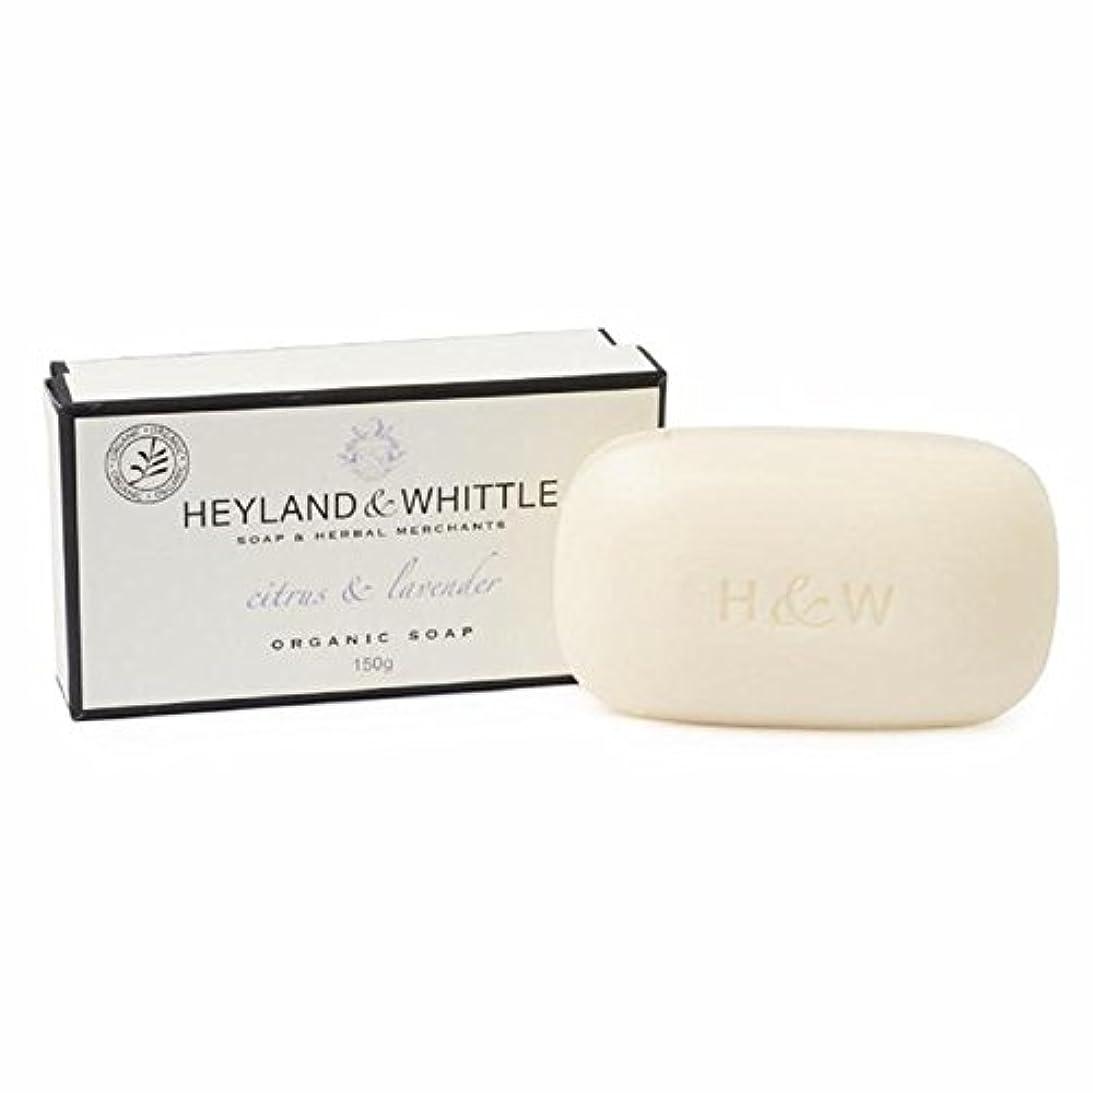 とらえどころのないうんざり更新する&削るシトラス&ラベンダーは、有機石鹸150グラム箱入り x2 - Heyland & Whittle Citrus & Lavender Boxed Organic Soap 150g (Pack of 2) [並行輸入品]